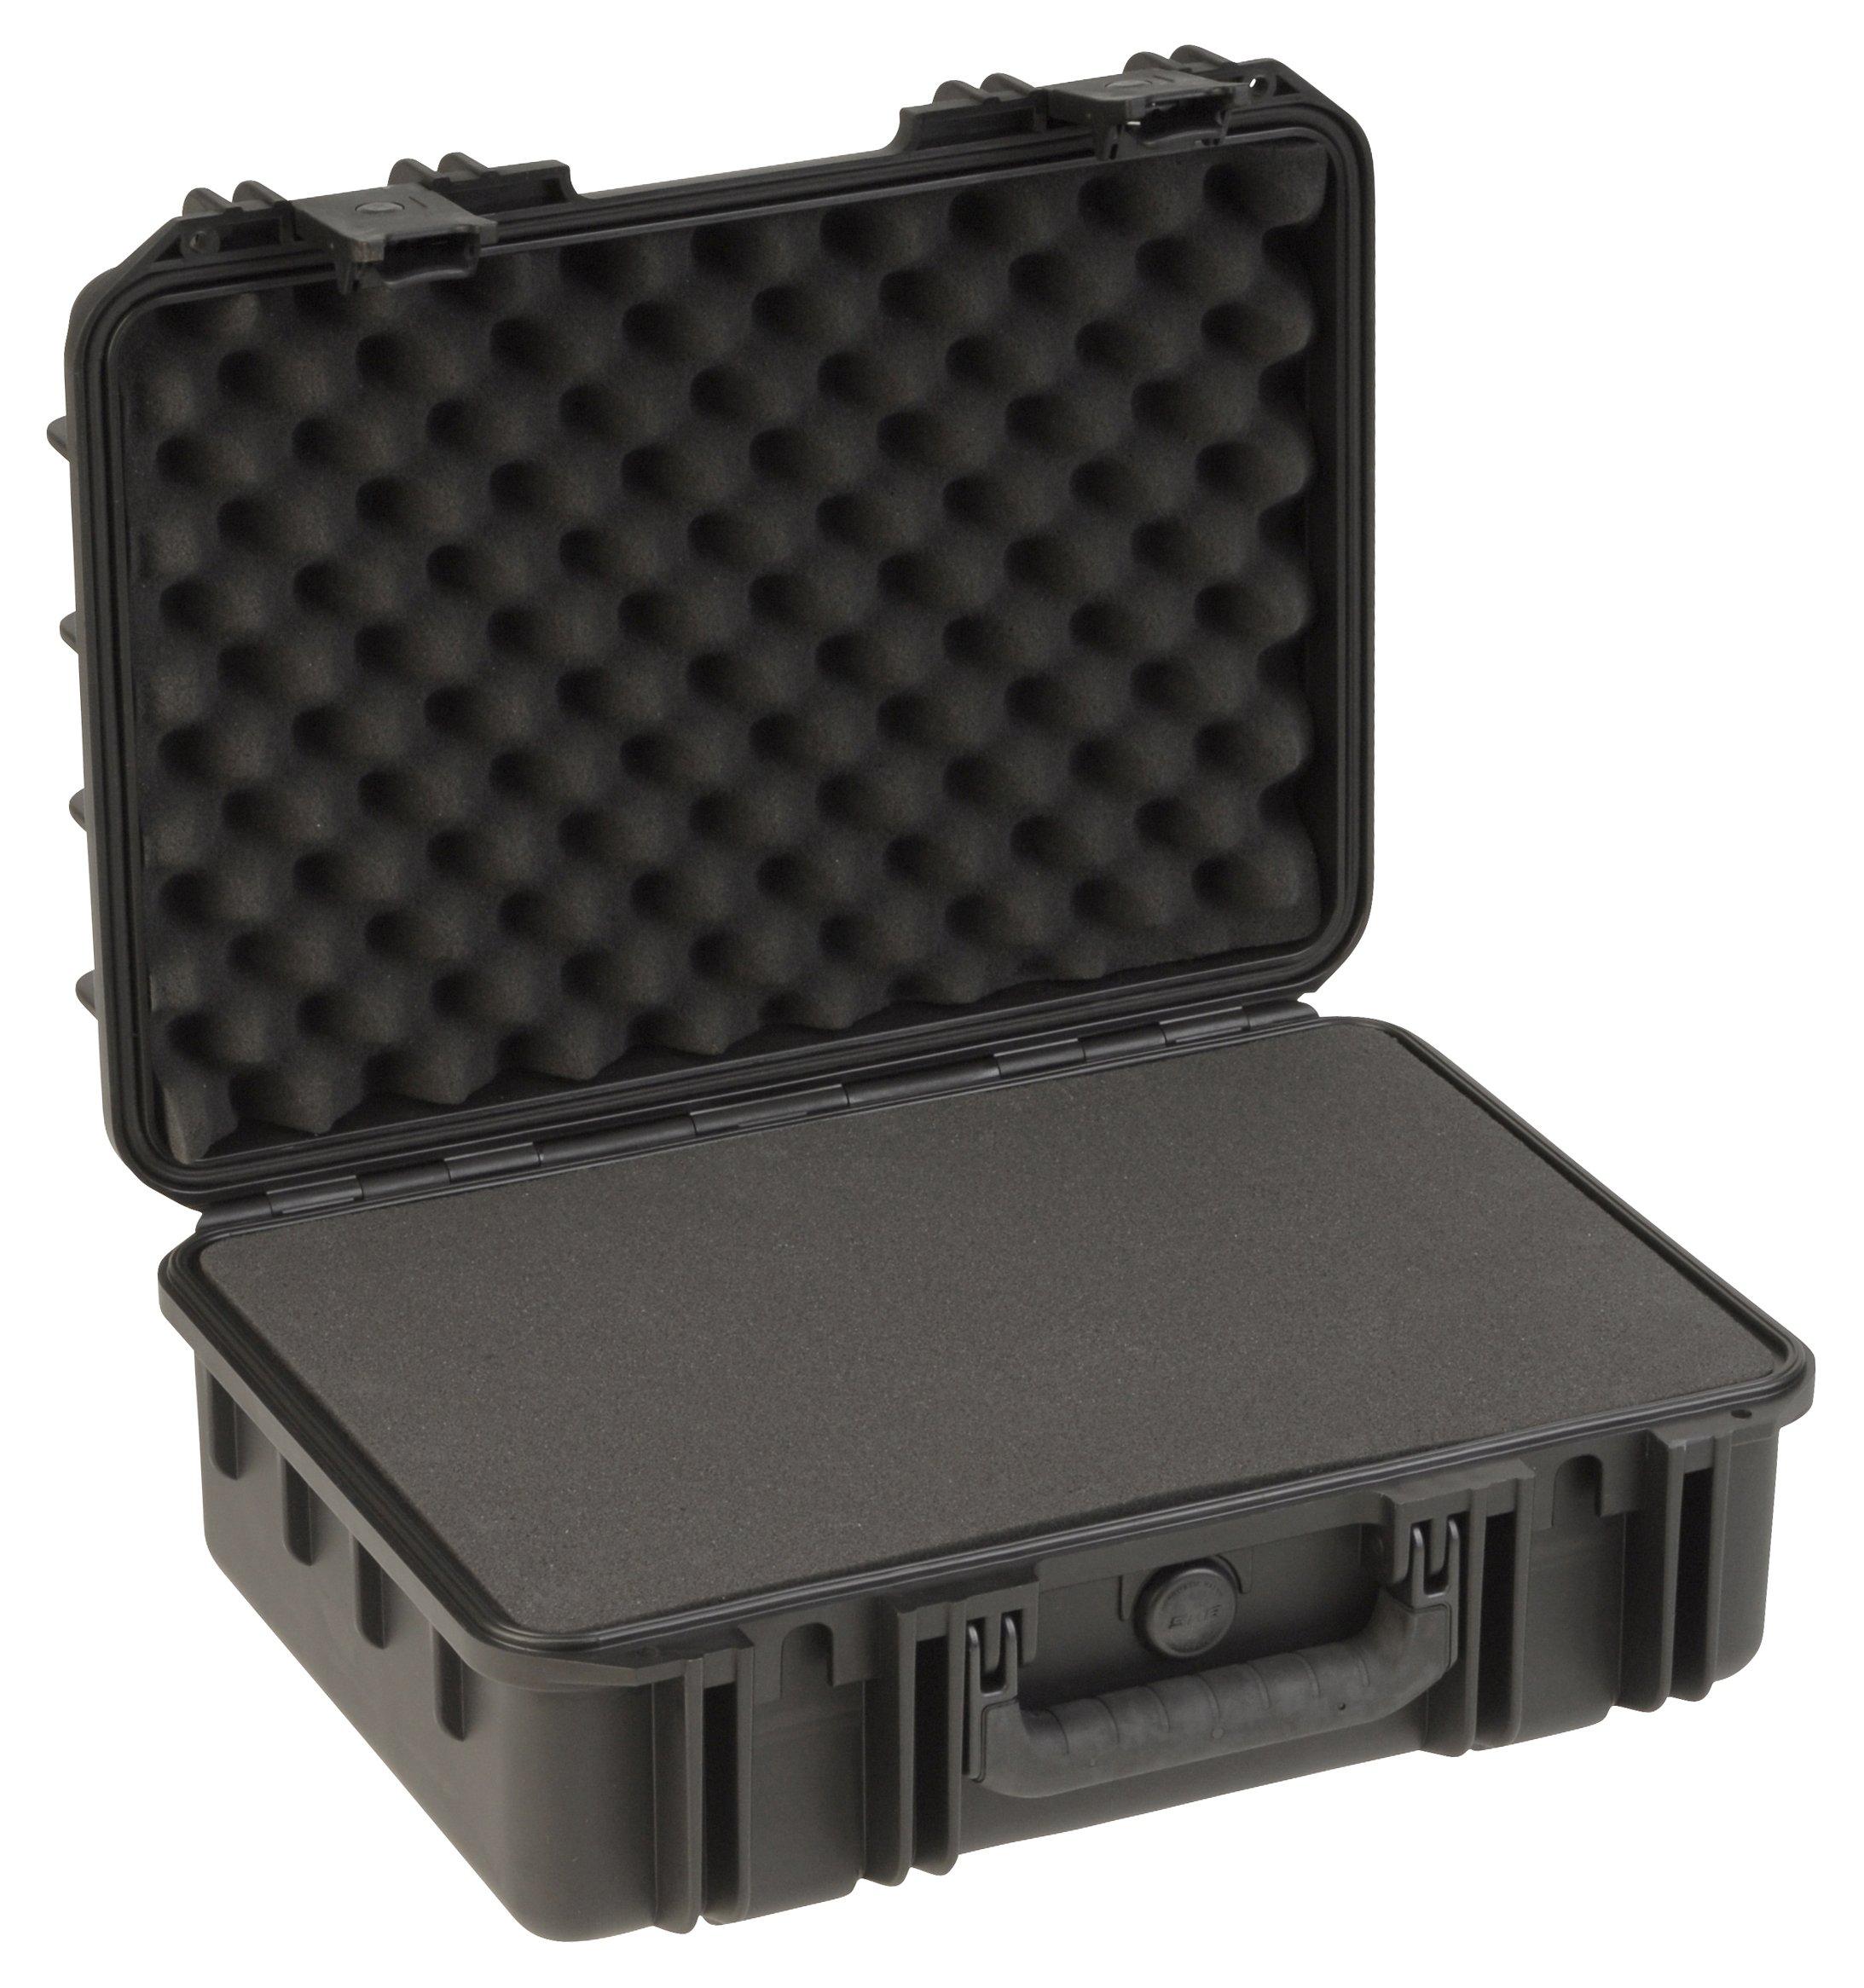 SKB 3I-1711-6 Case